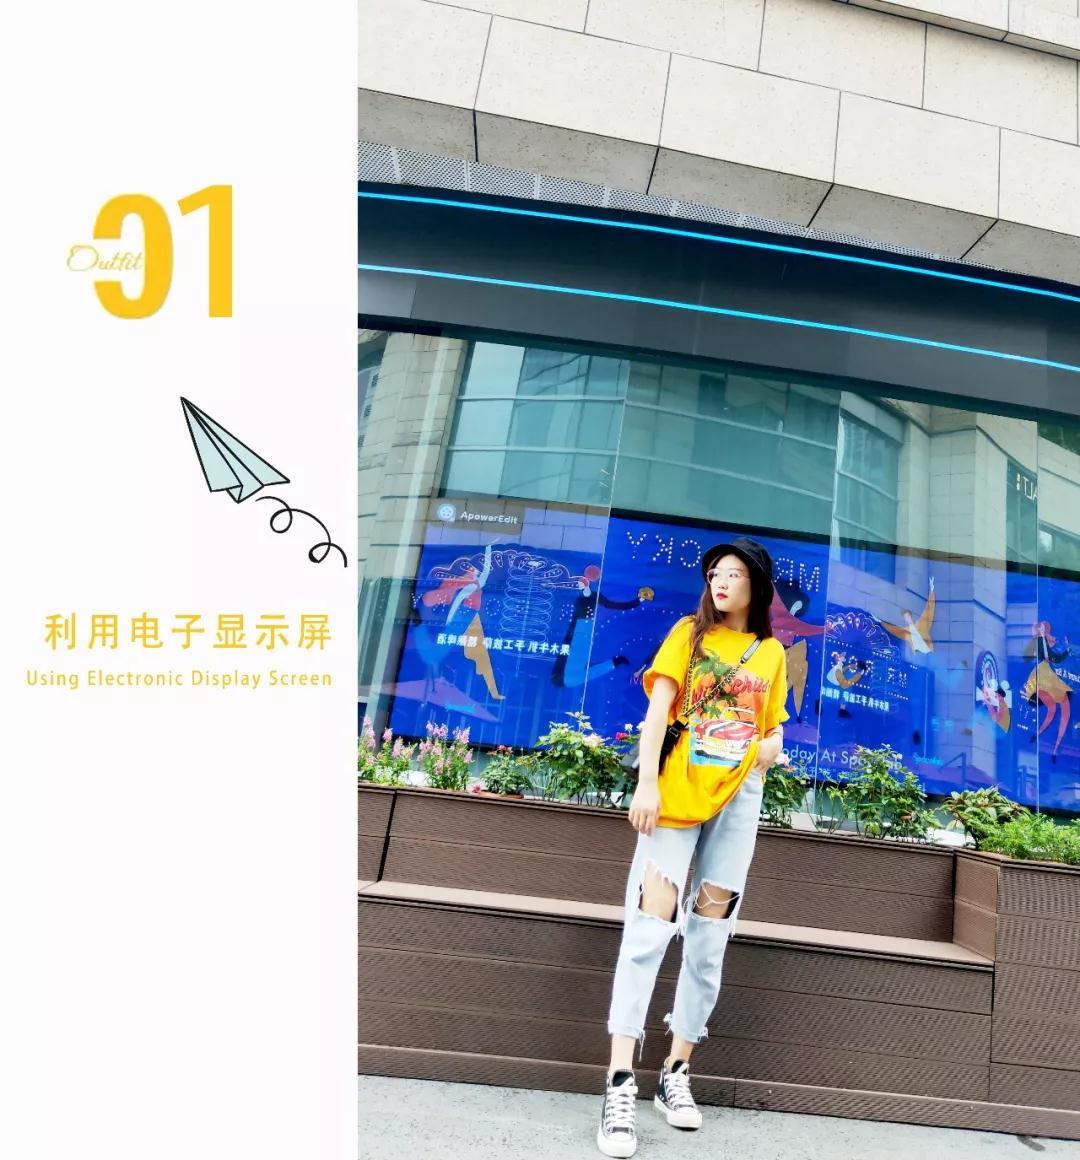 images/4/2019/07/TuKWk7KzOI66IeEIq9QNiWN59Ytweg.jpg